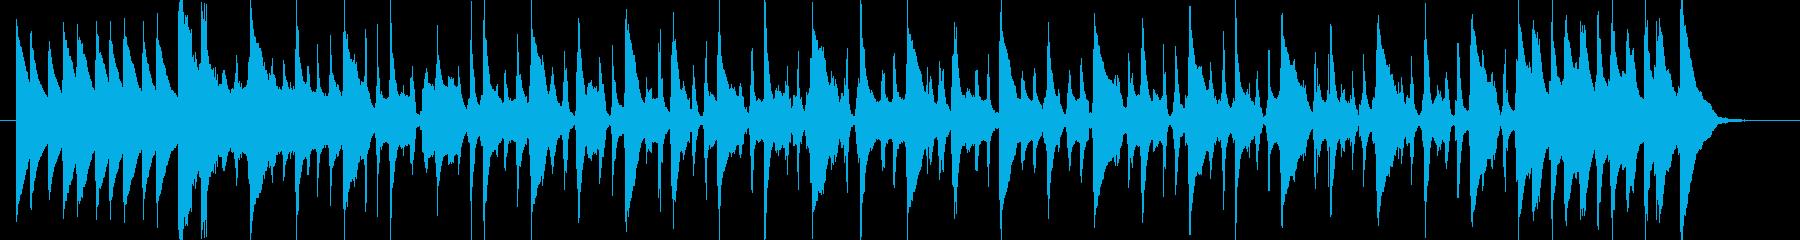 サンバ!Samba5 カーニバル!笛の再生済みの波形